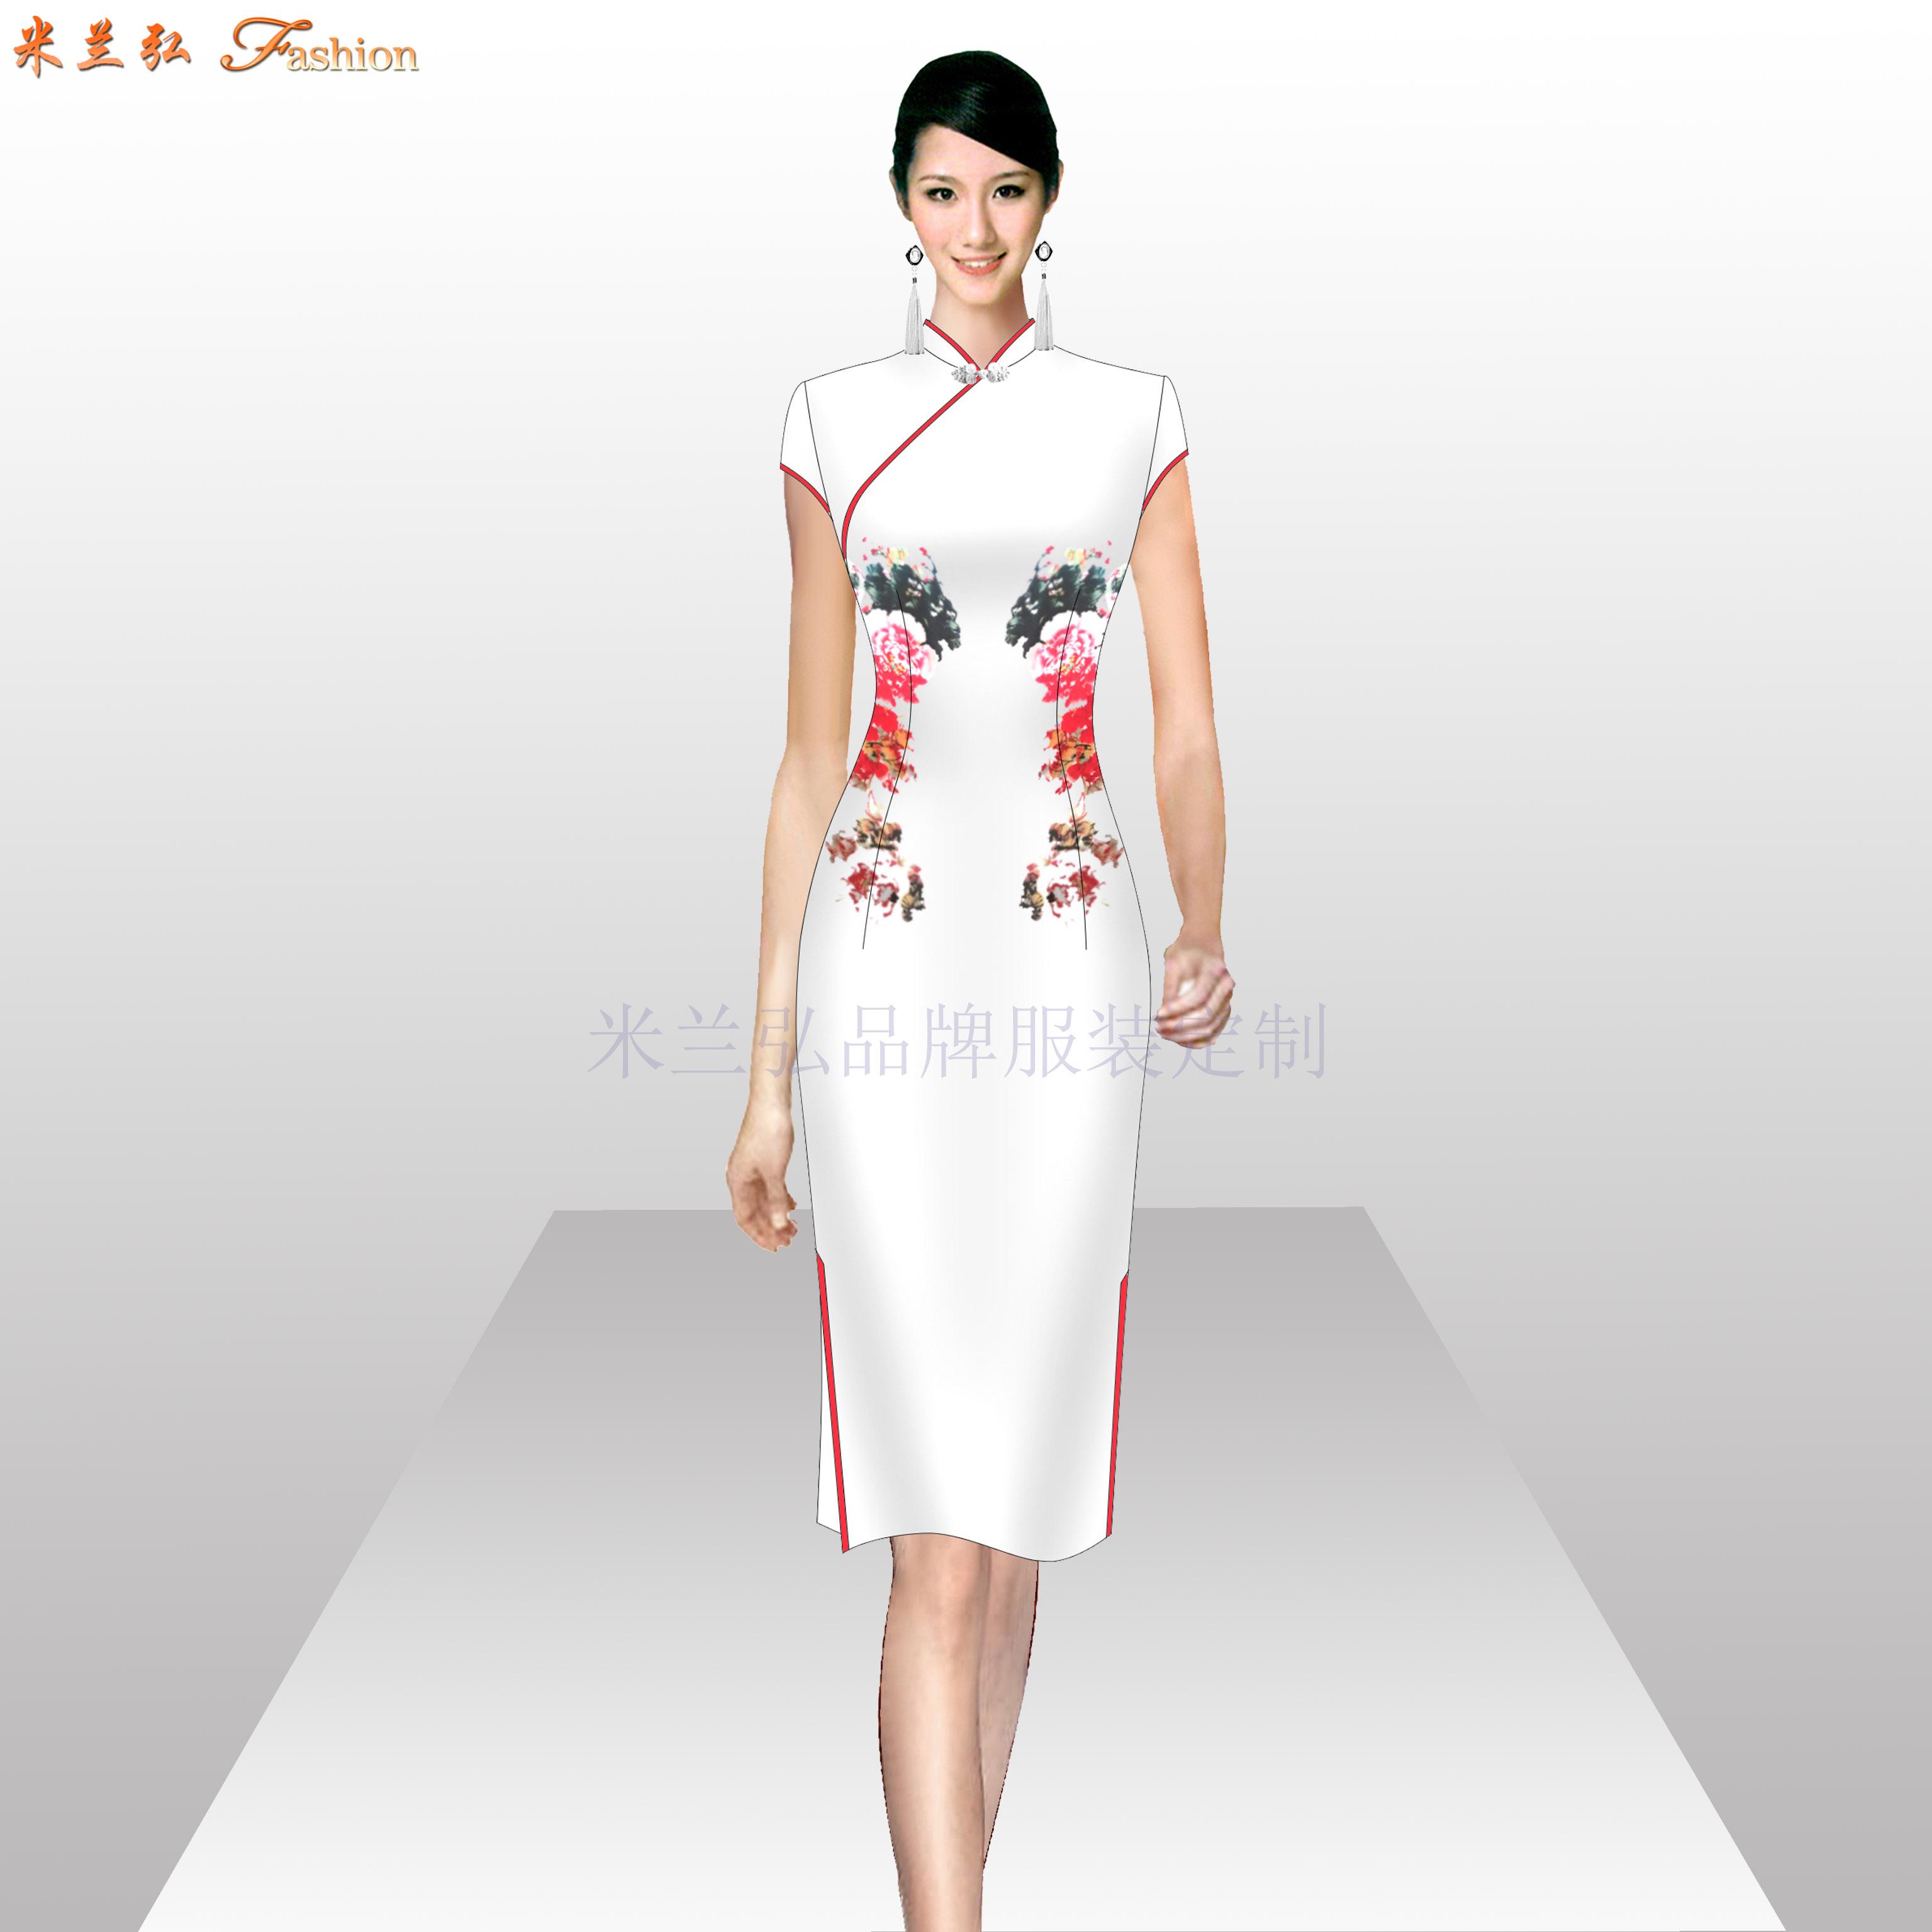 「手工定制旗袍」「量身訂制旗袍」-米蘭弘品牌服裝-1